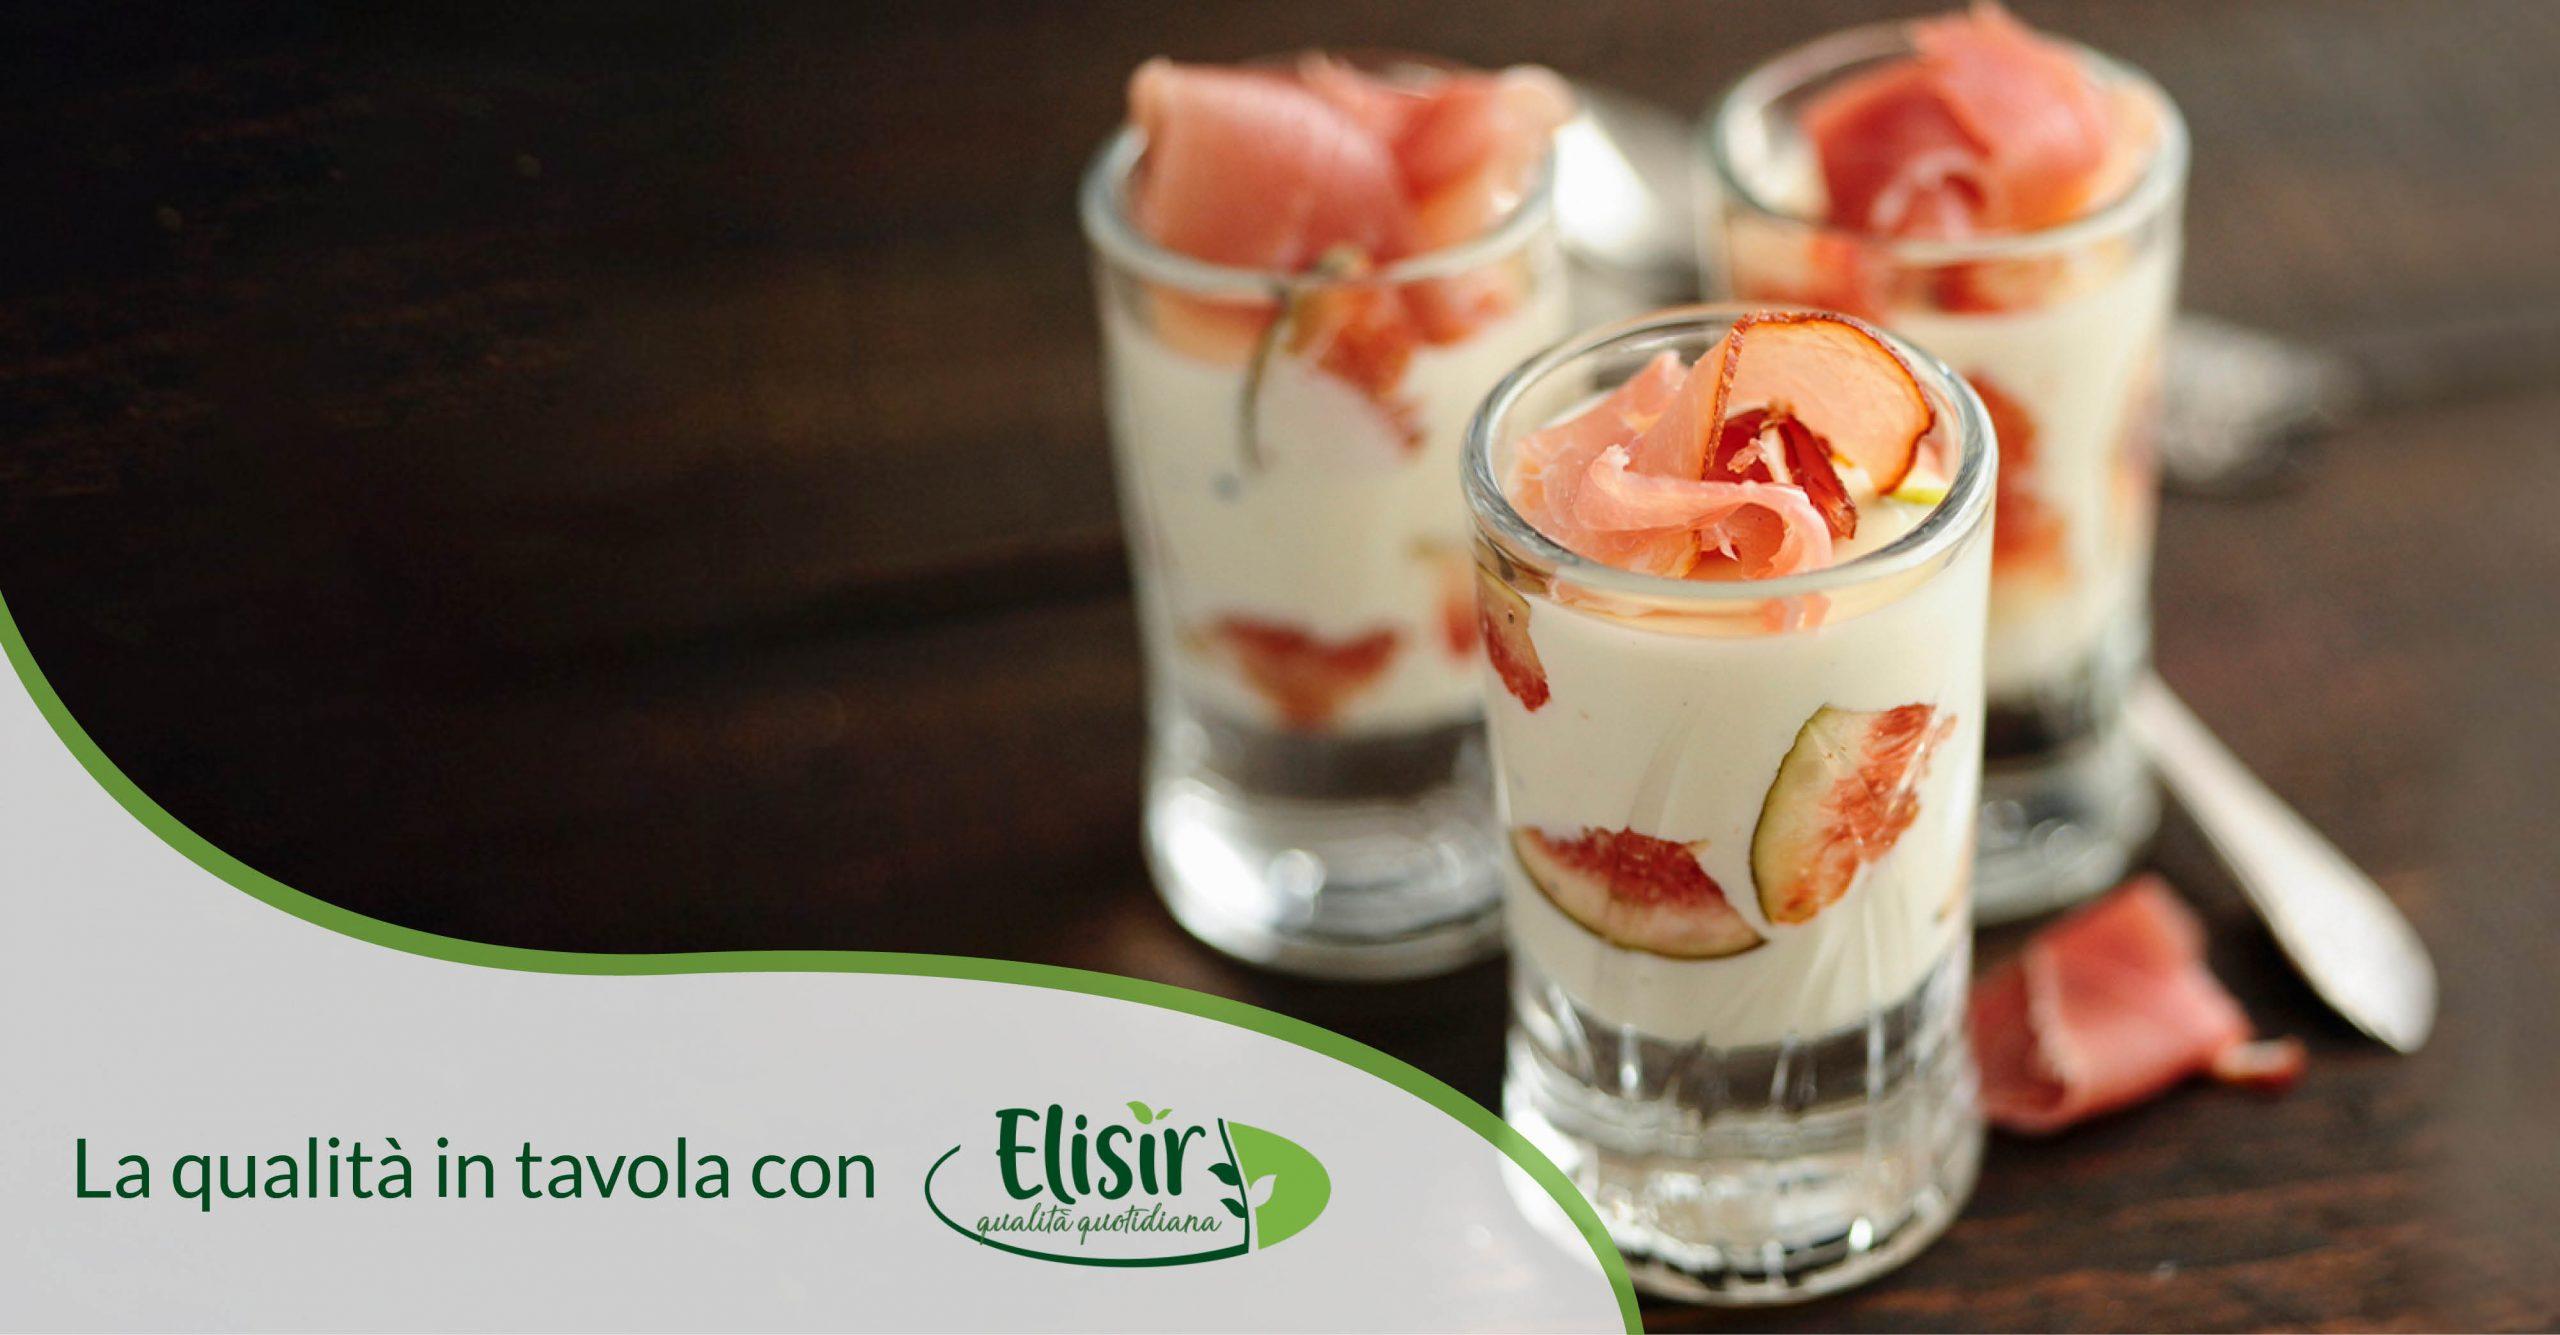 Bicchierini con yogurt greco, fichi neri e prosciutto affumicato